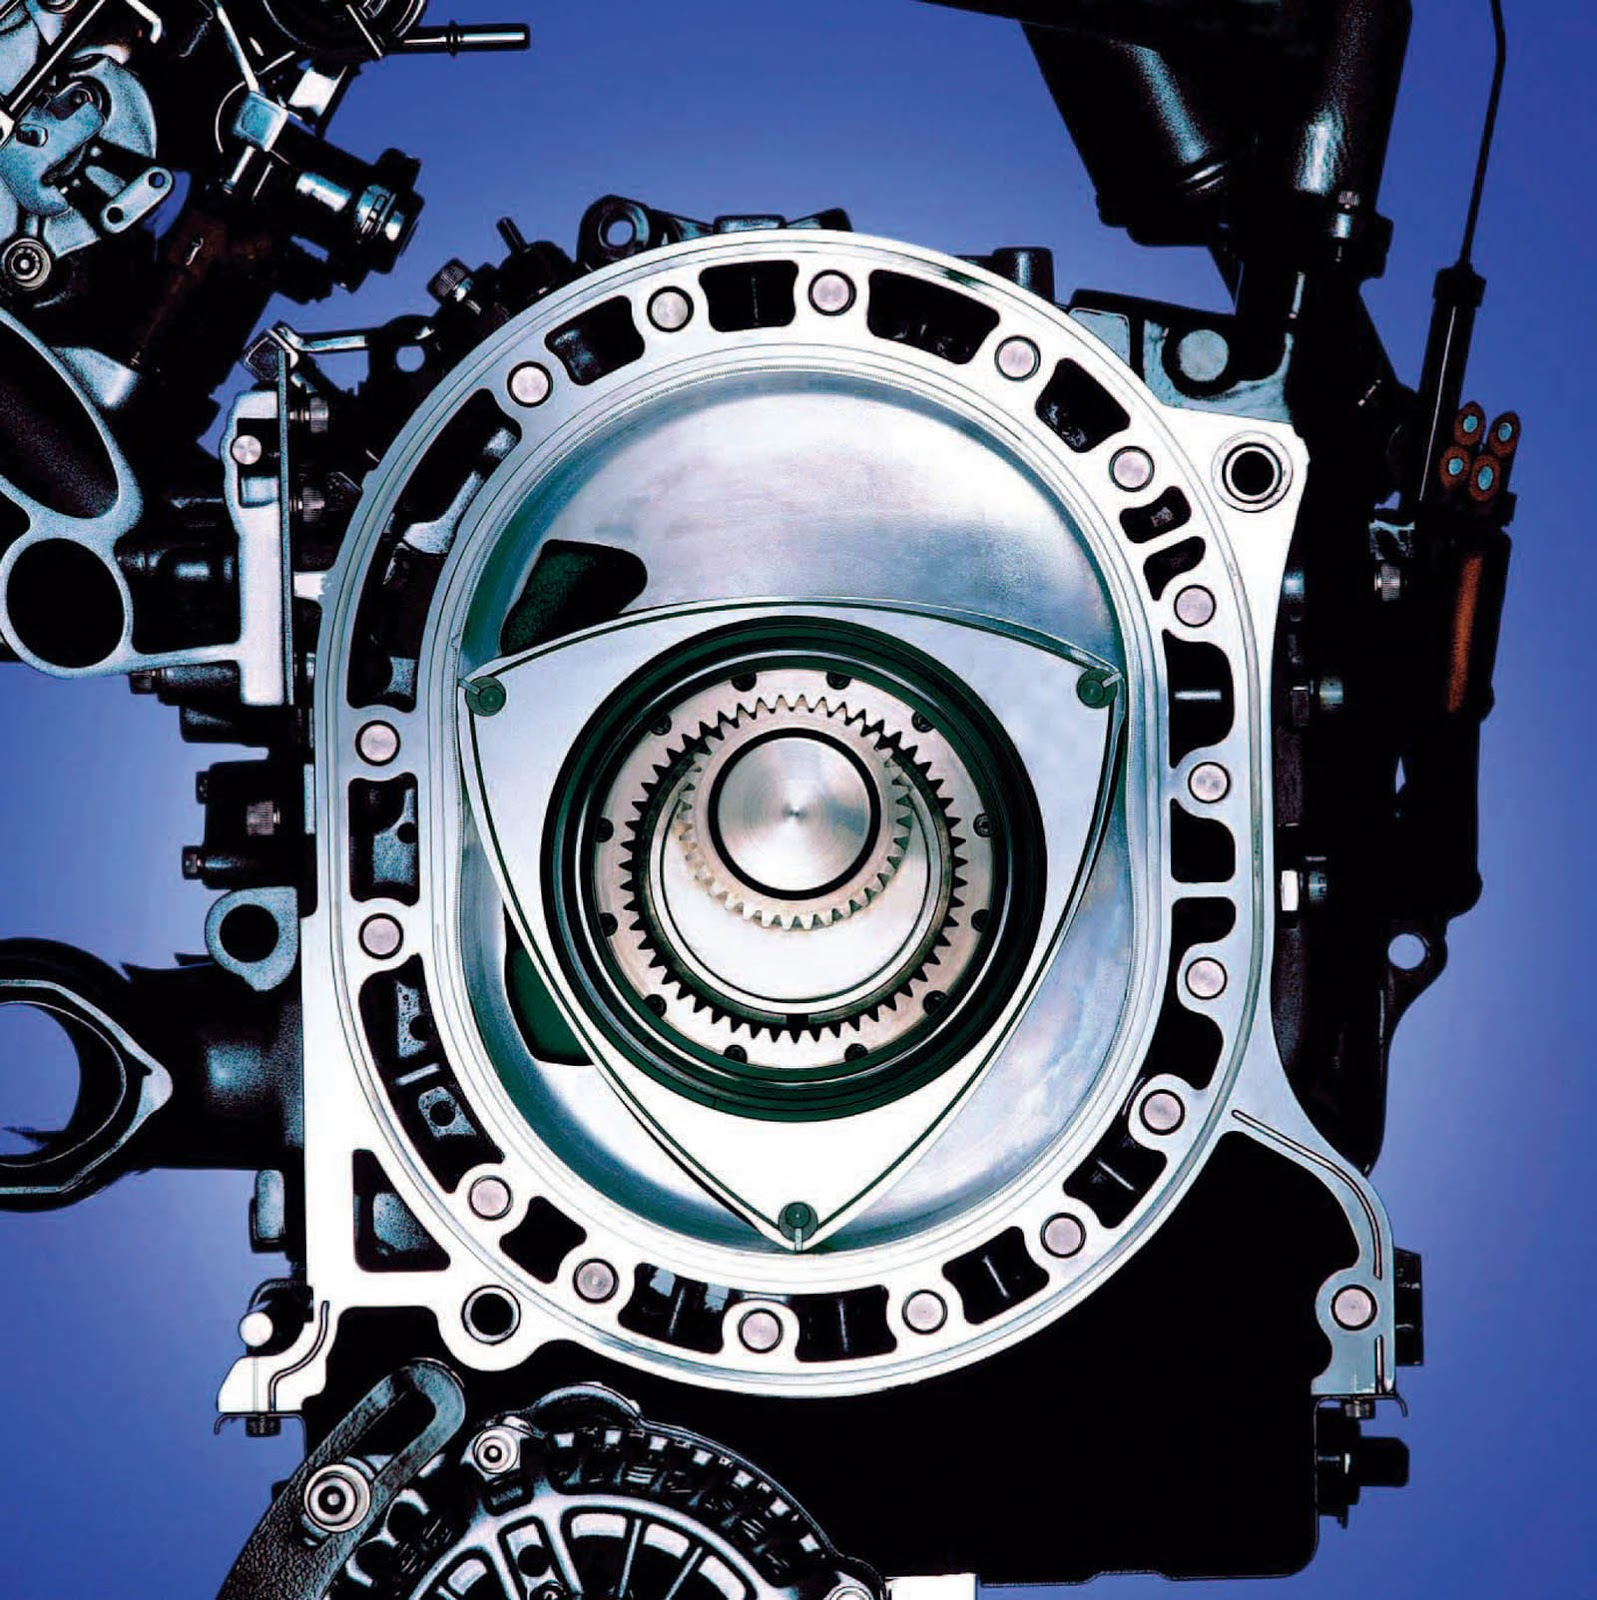 Mazda-50-years-of-rotary-p16_02